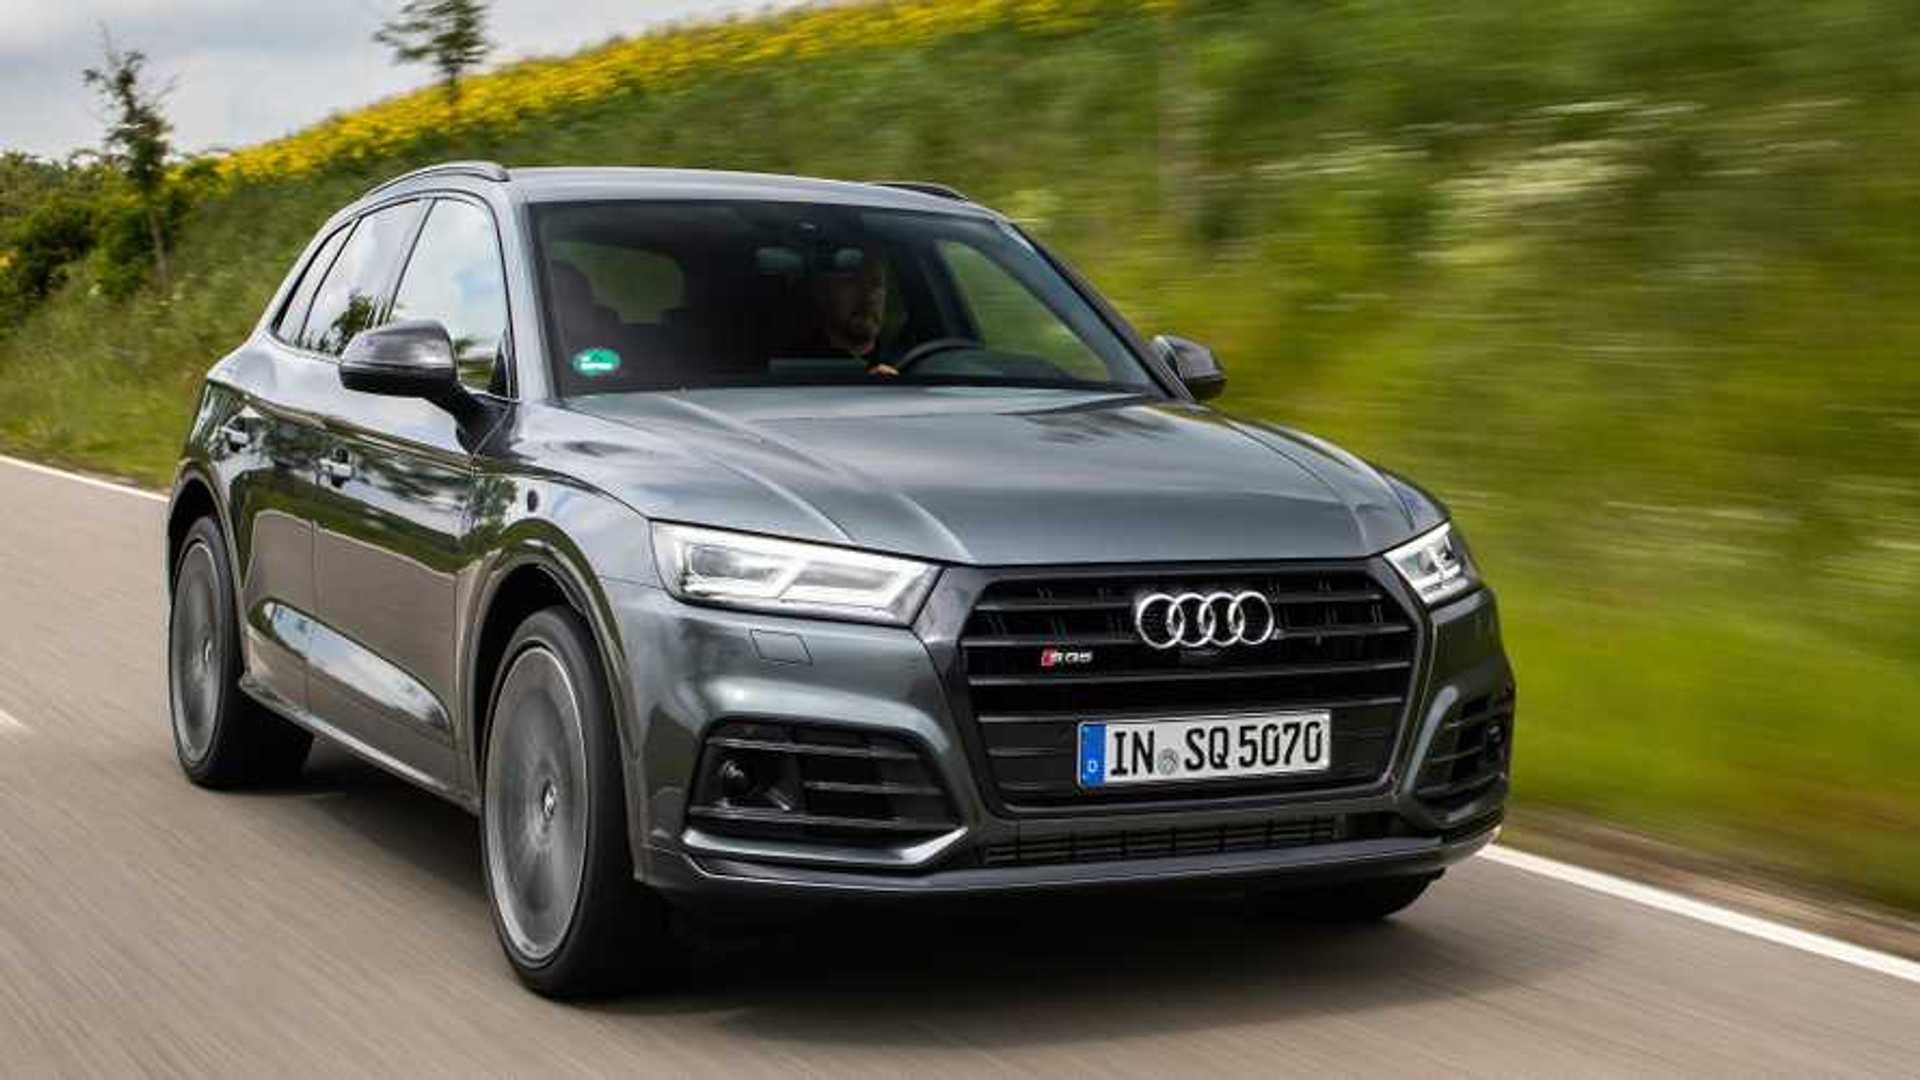 Test Audi SQ5 TDI (2019): Was kann das schnelle Diesel-SUV?